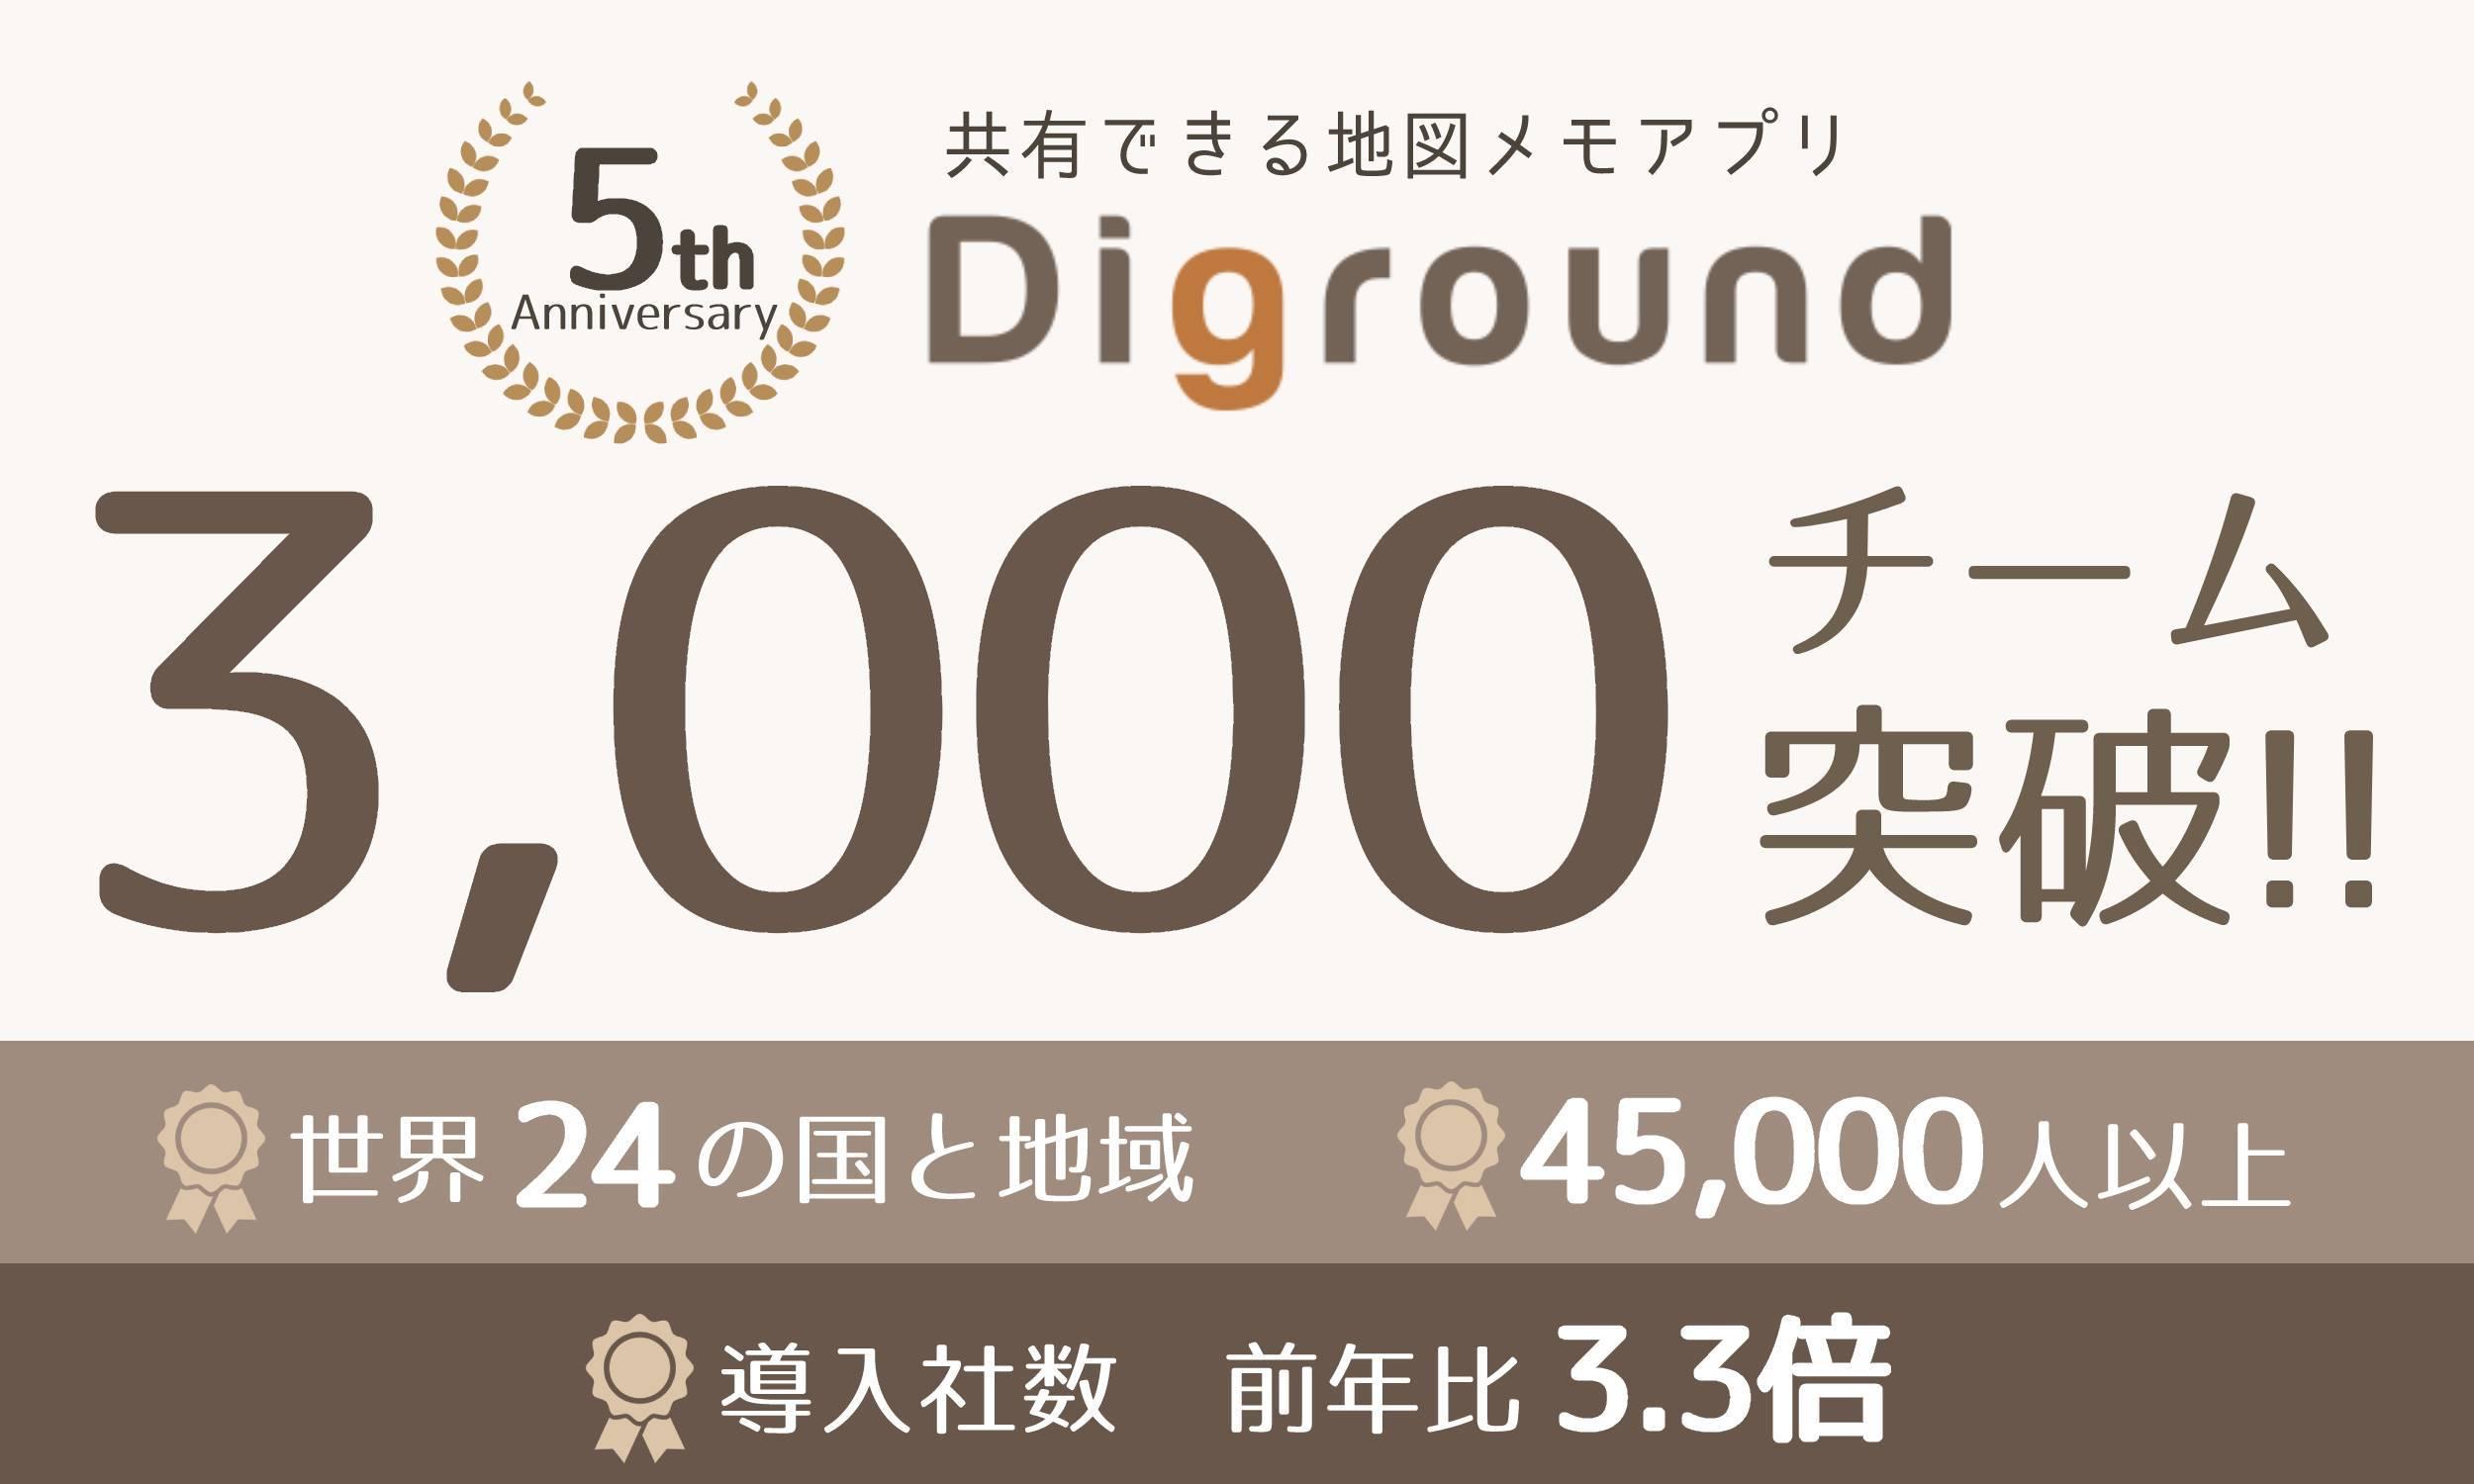 共有できる地図メモアプリ「Diground」3,000チーム突破 画像